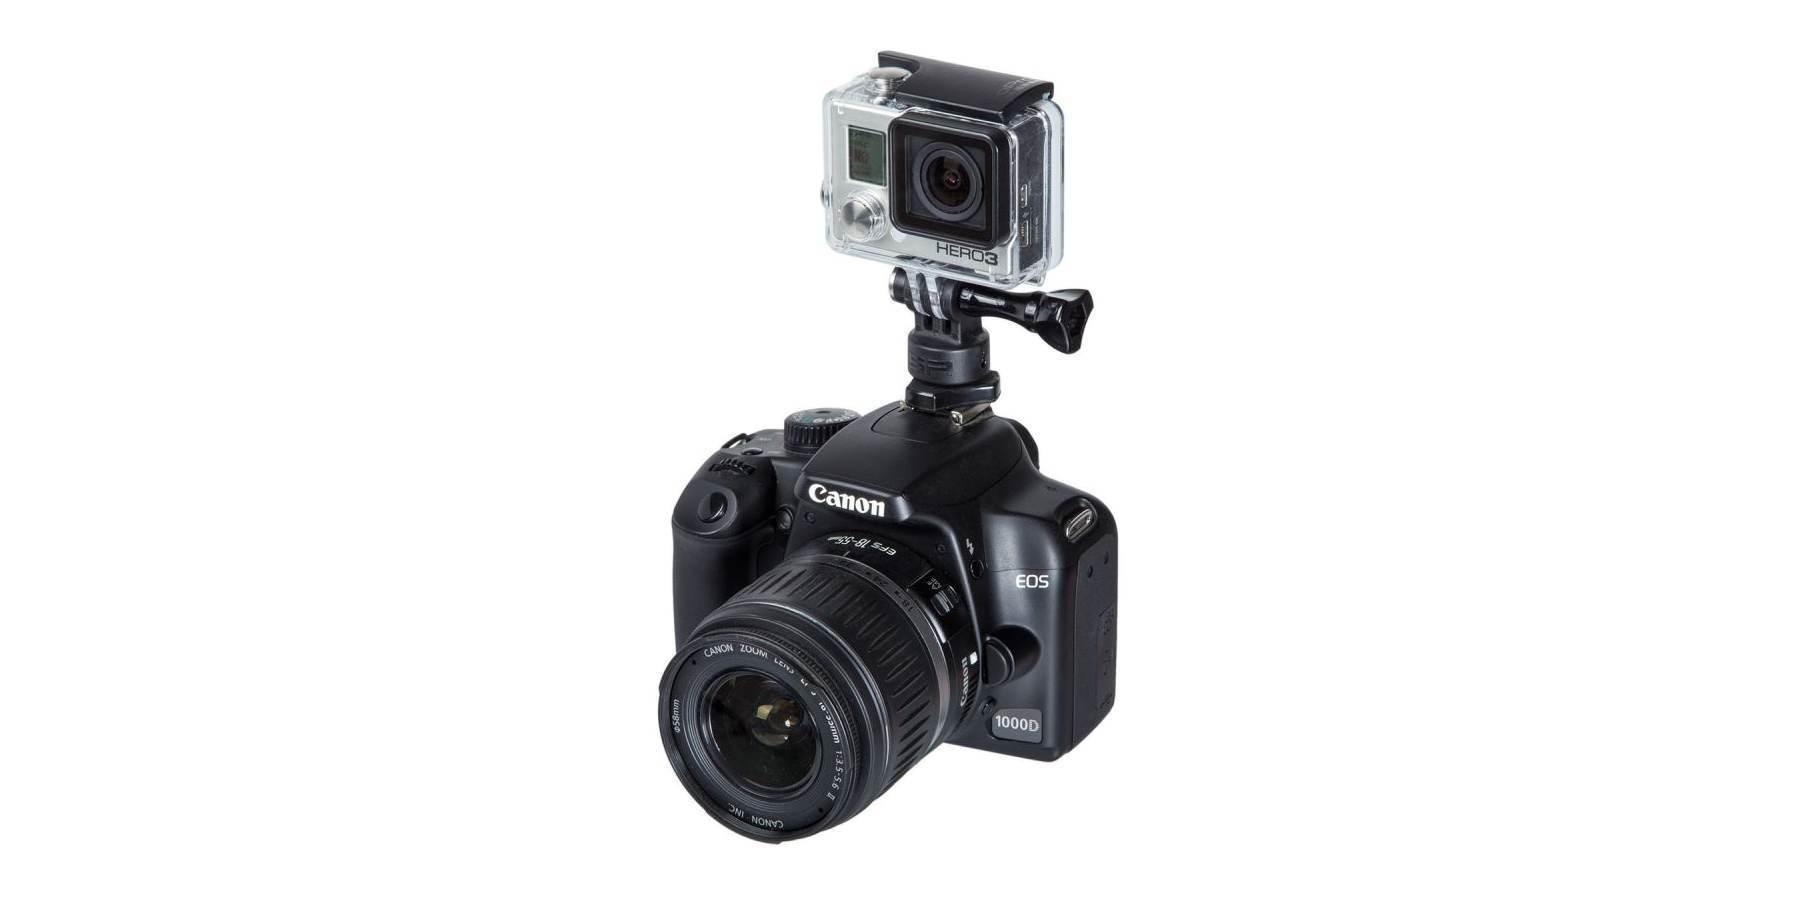 Крепление на фотокамеру SP Hot Shoe Mount пример использования с камерой